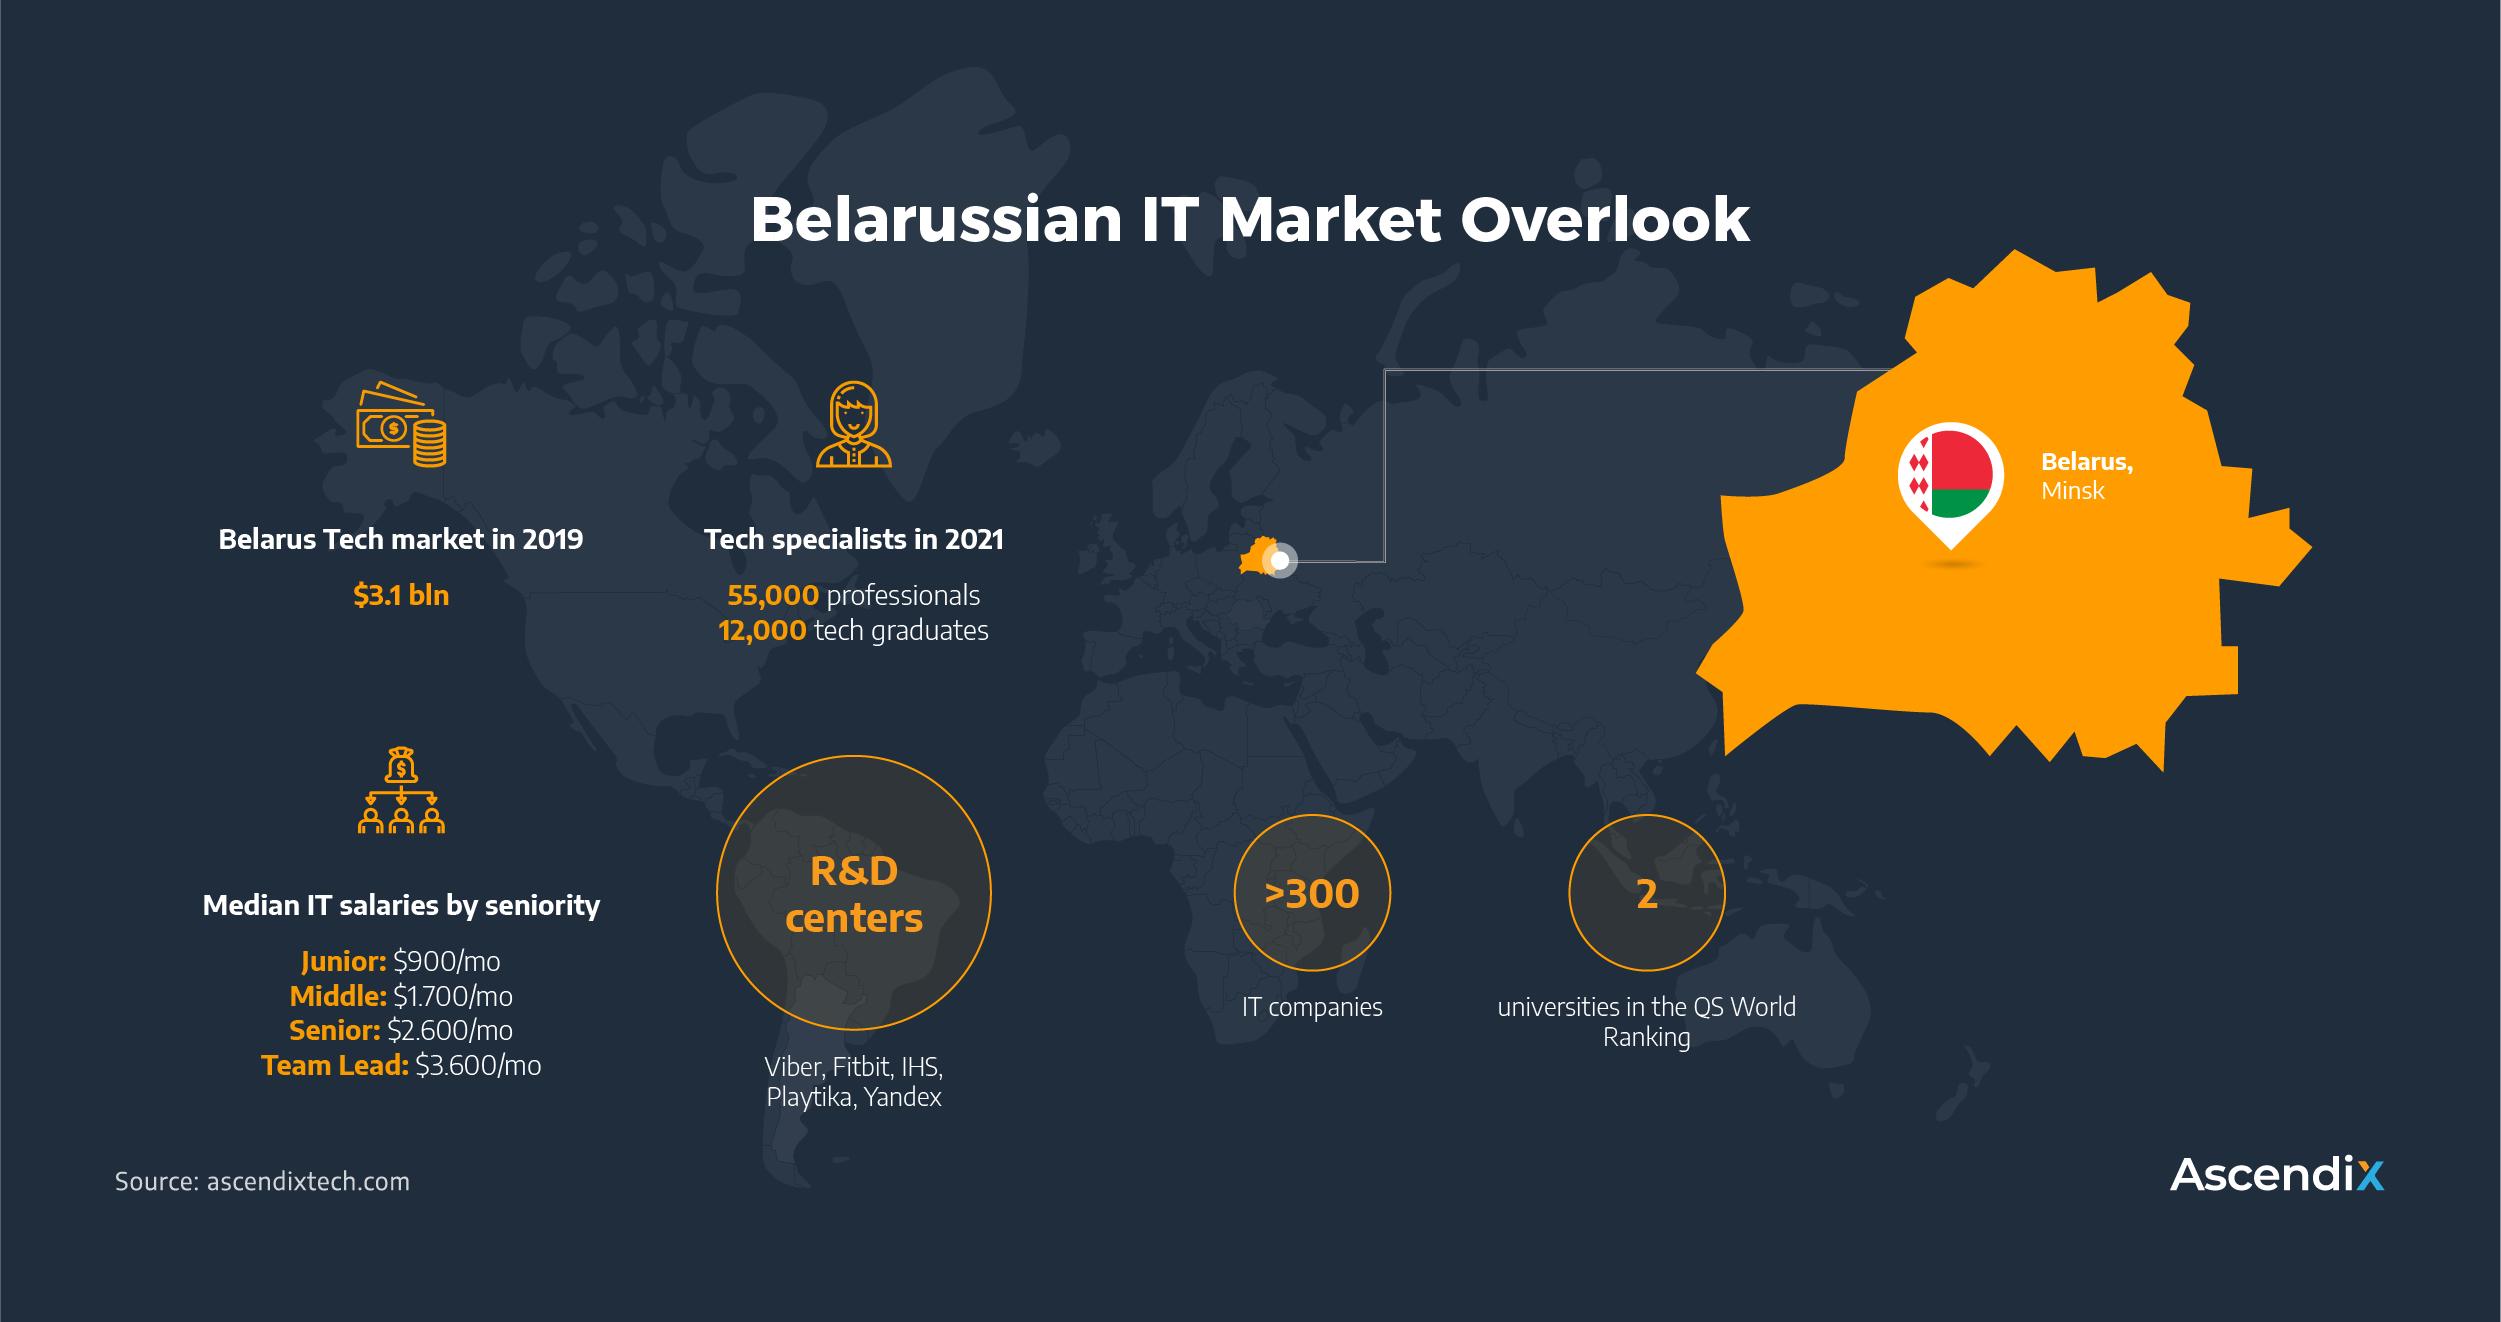 Belarussian IT Market Overlook | Ascendix Tech